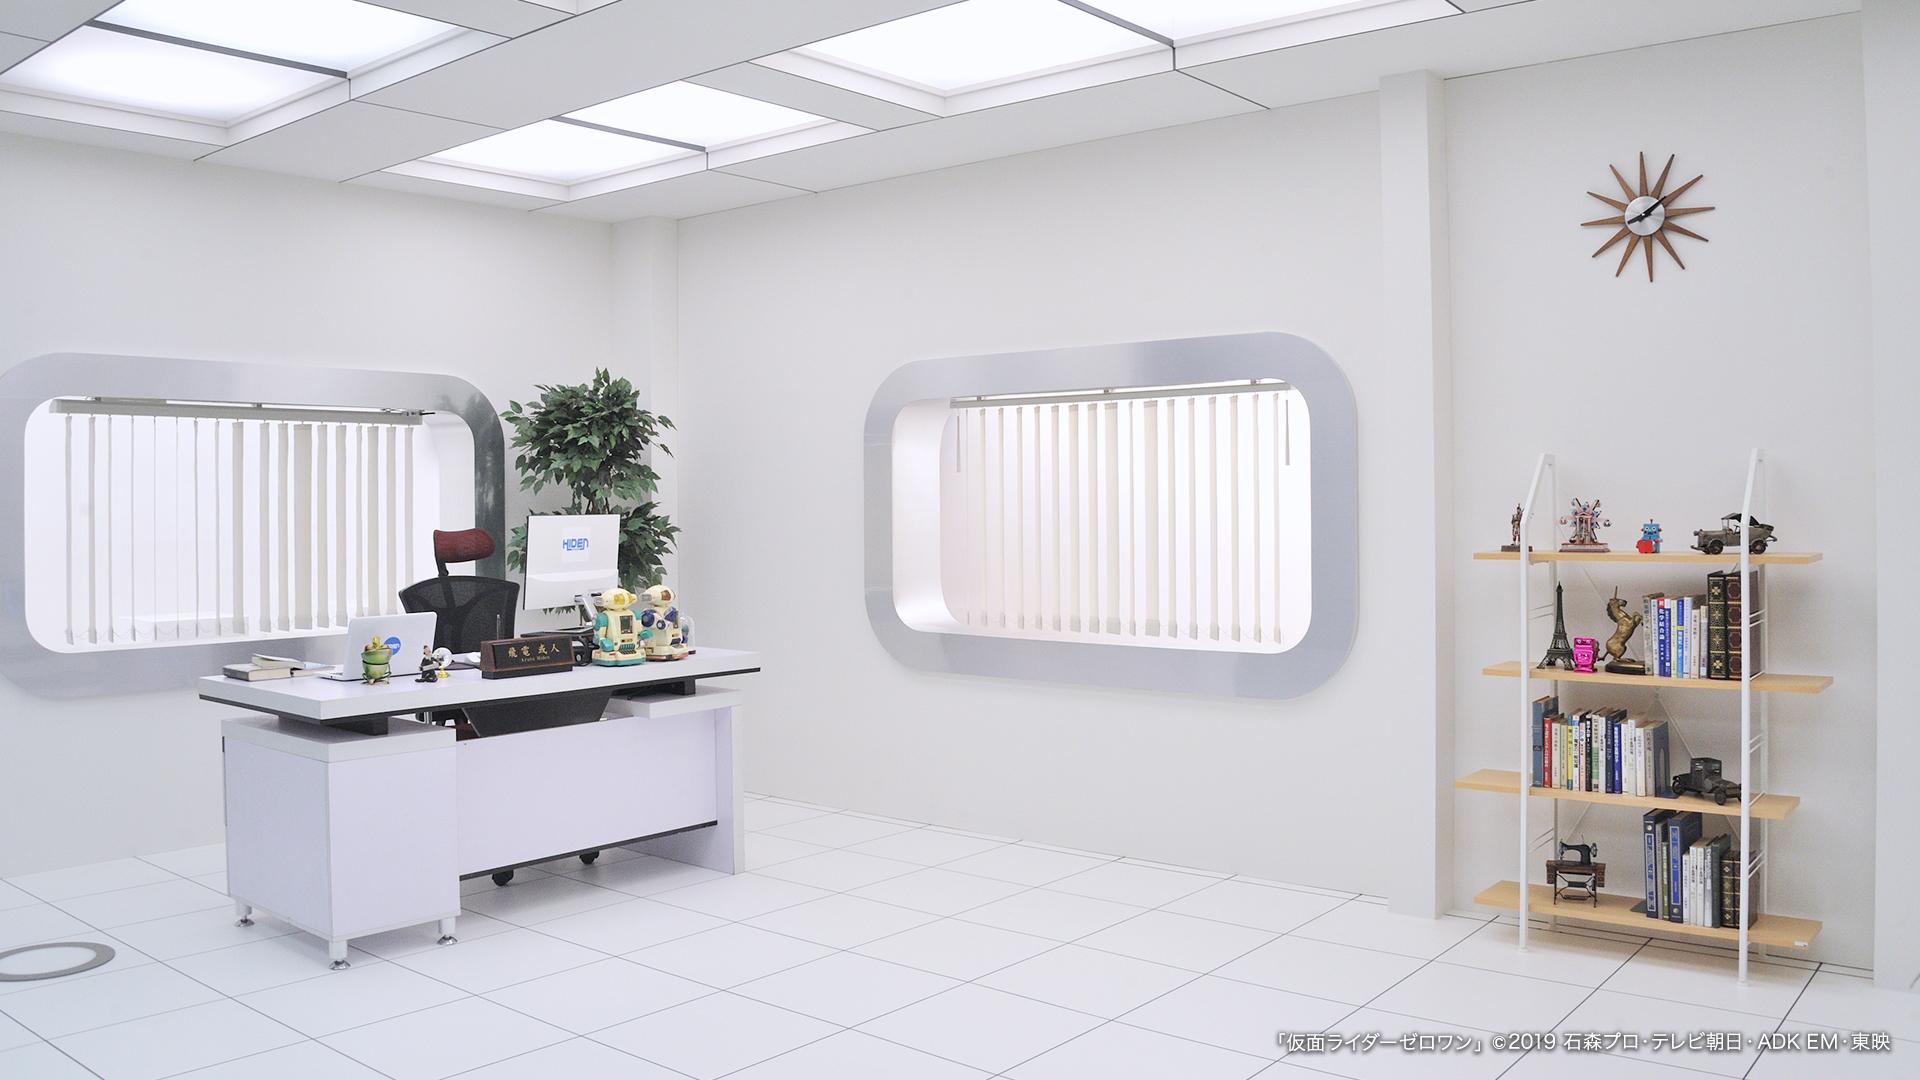 Web会議等で利用できる 仮面ライダーシリーズ背景壁紙 提供開始 仮面ライダーweb 公式 東映